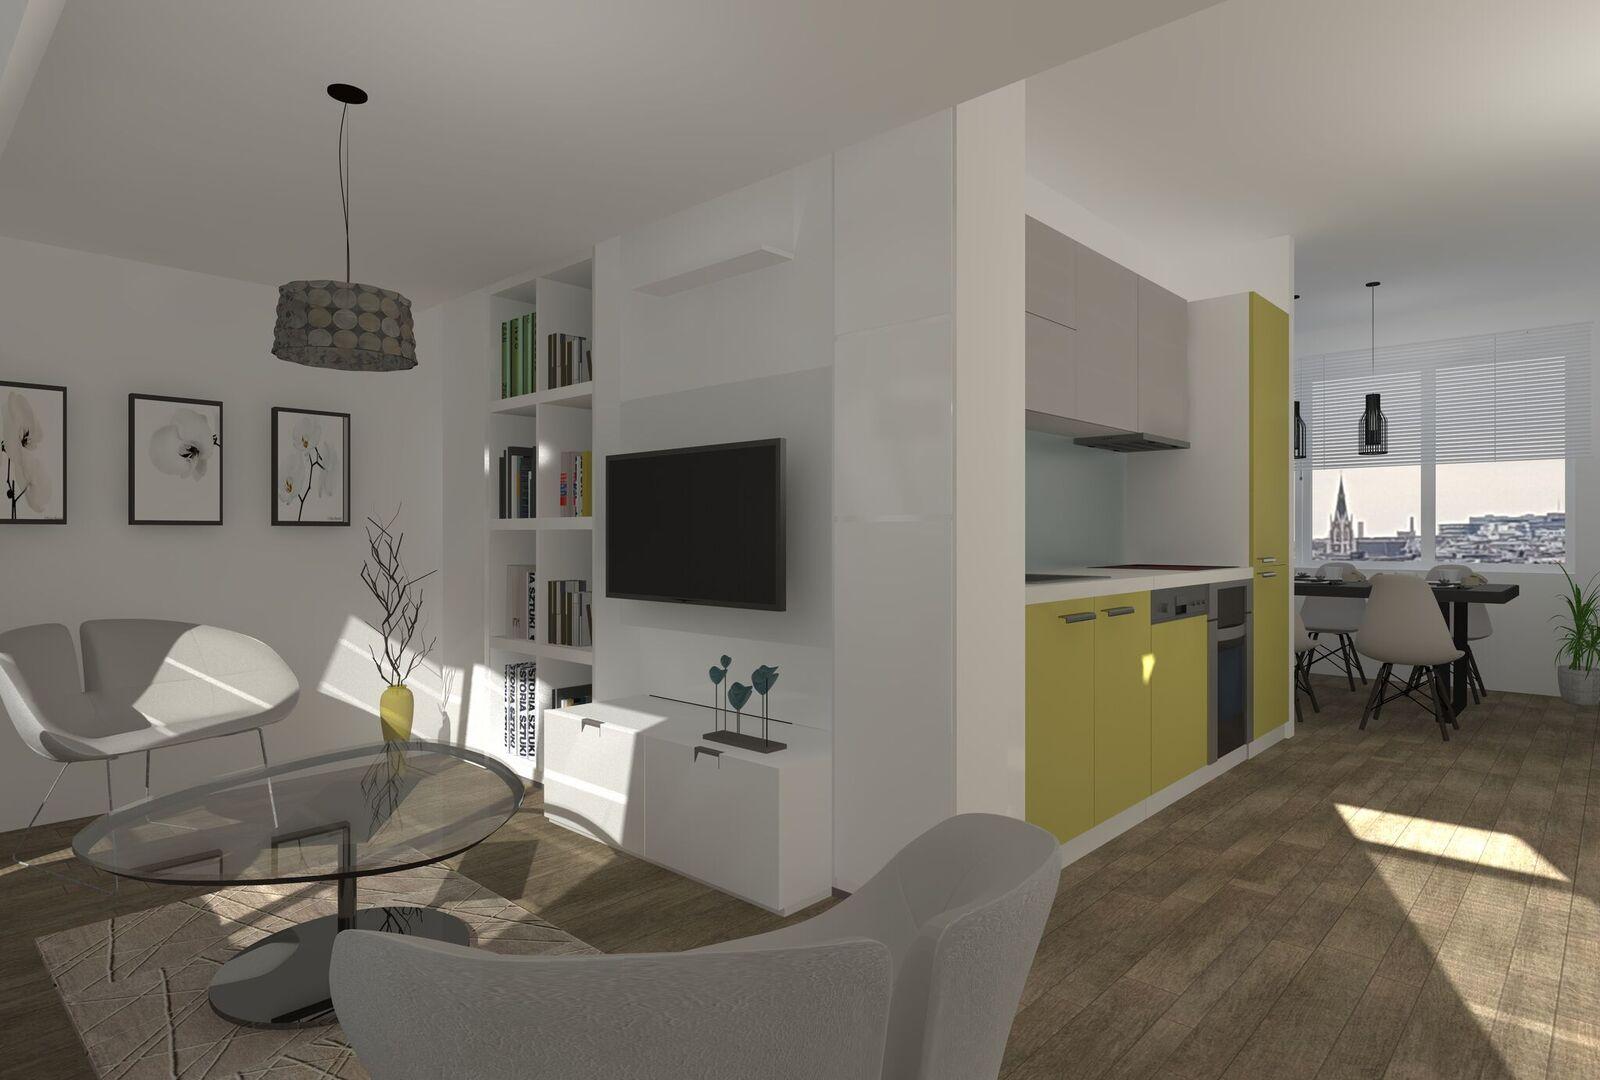 future living wohntr ume erleben traumwohnung gesucht in wien. Black Bedroom Furniture Sets. Home Design Ideas